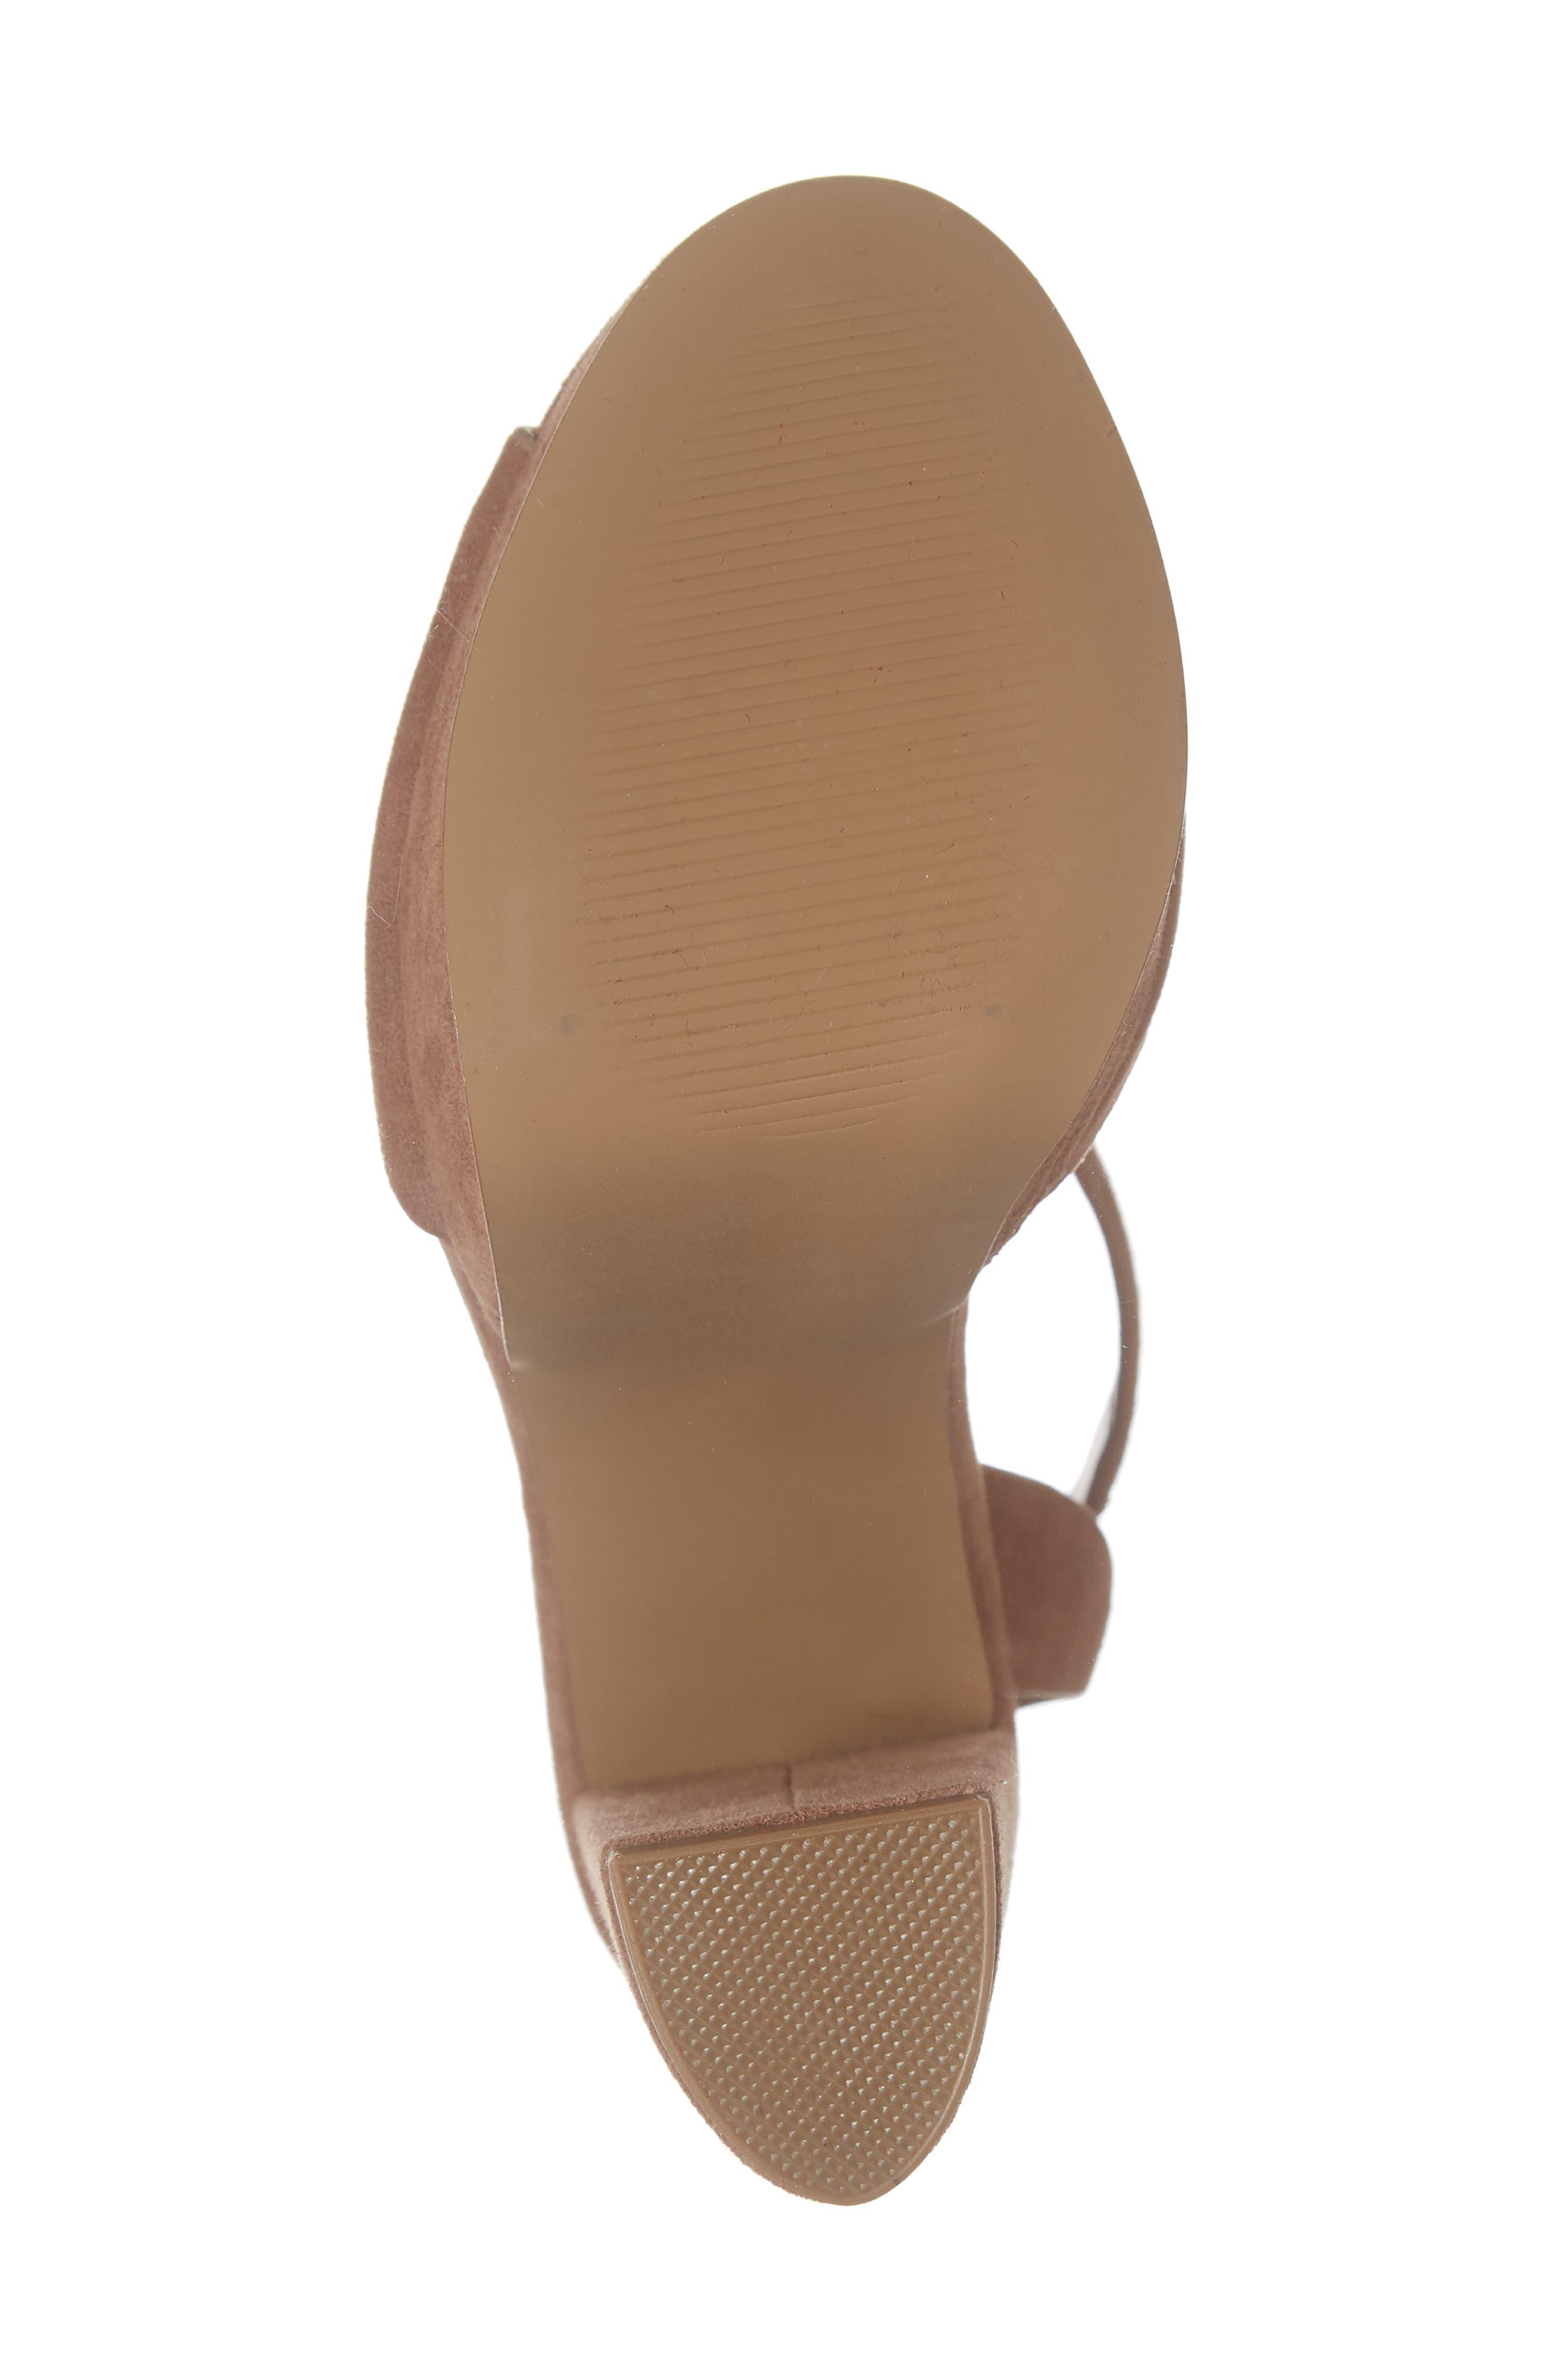 STEVE MADDEN,                             Jes Platform Sandal,                             Alternate thumbnail 6, color,                             230